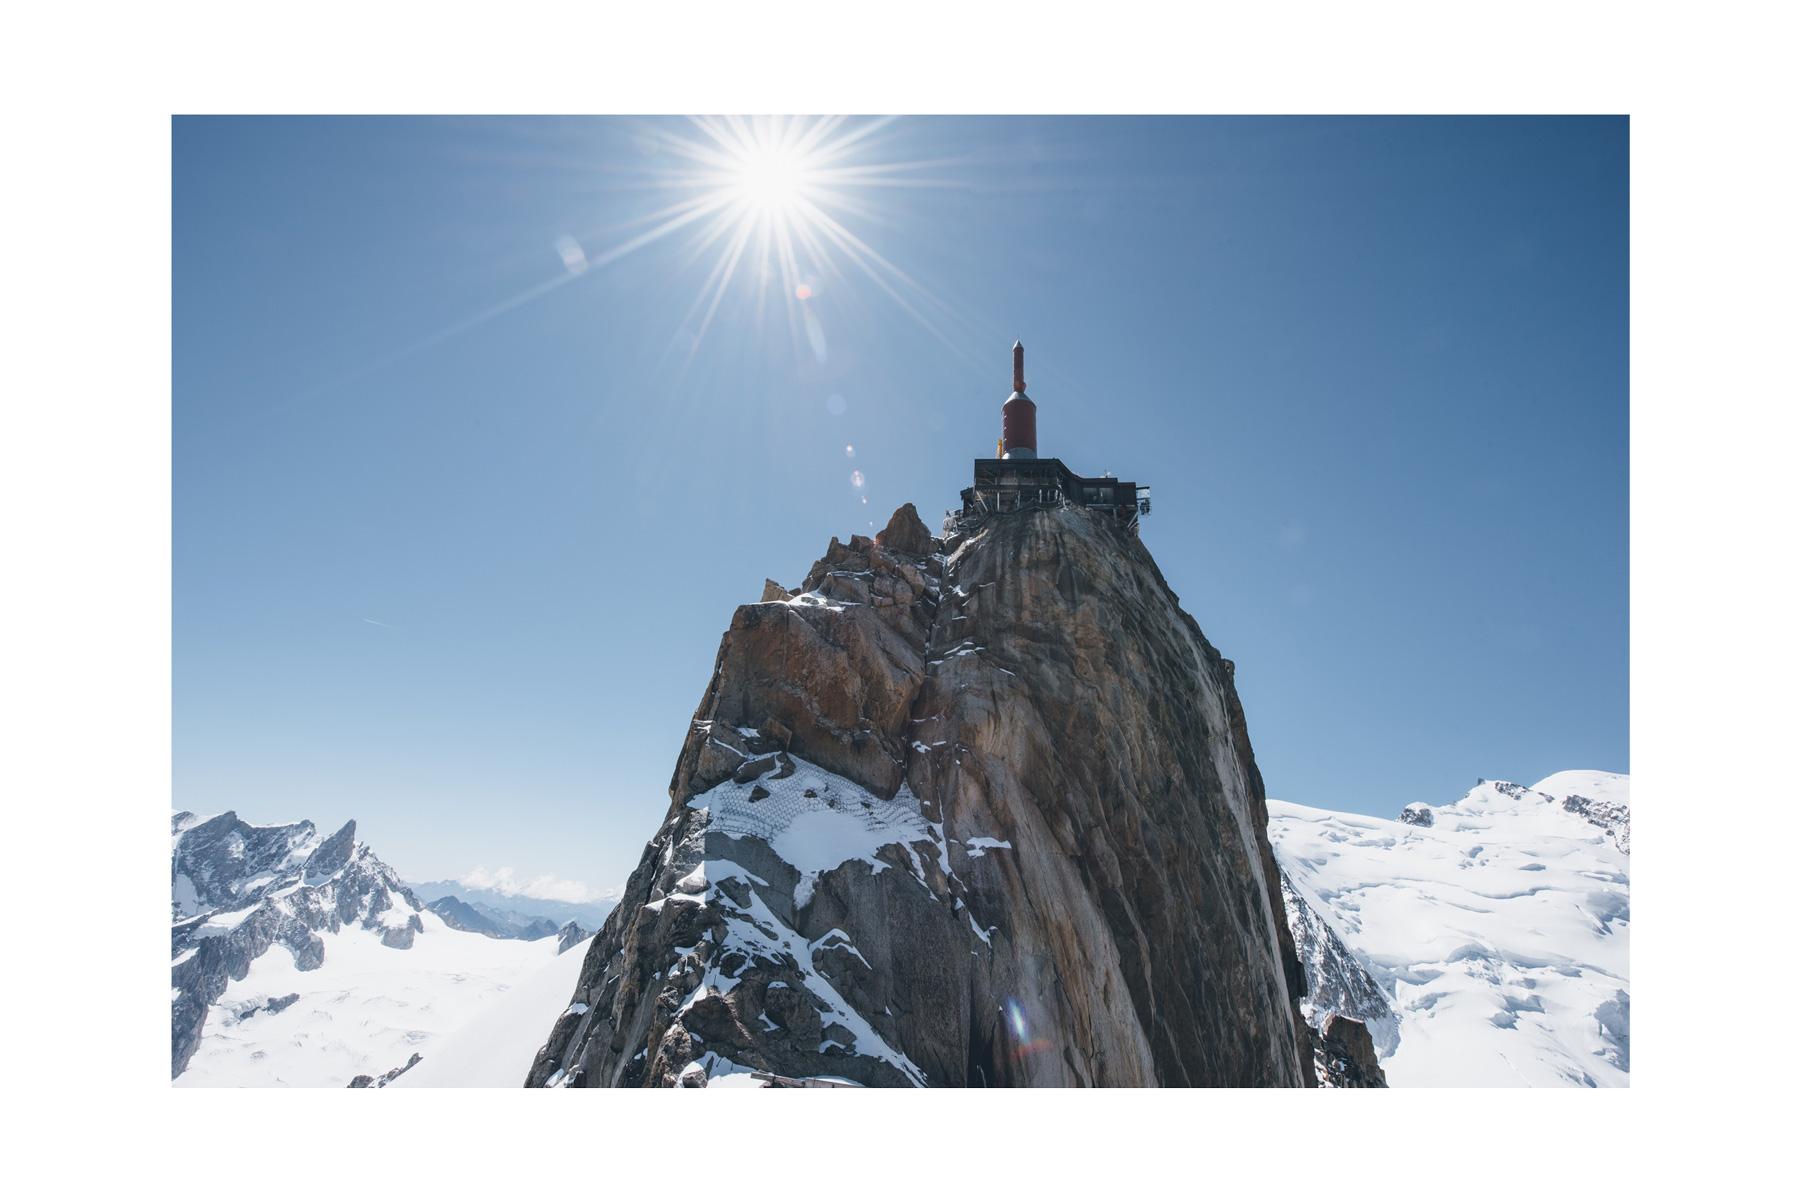 Aiguille du Midi, Chamonix, Mont-Blanc